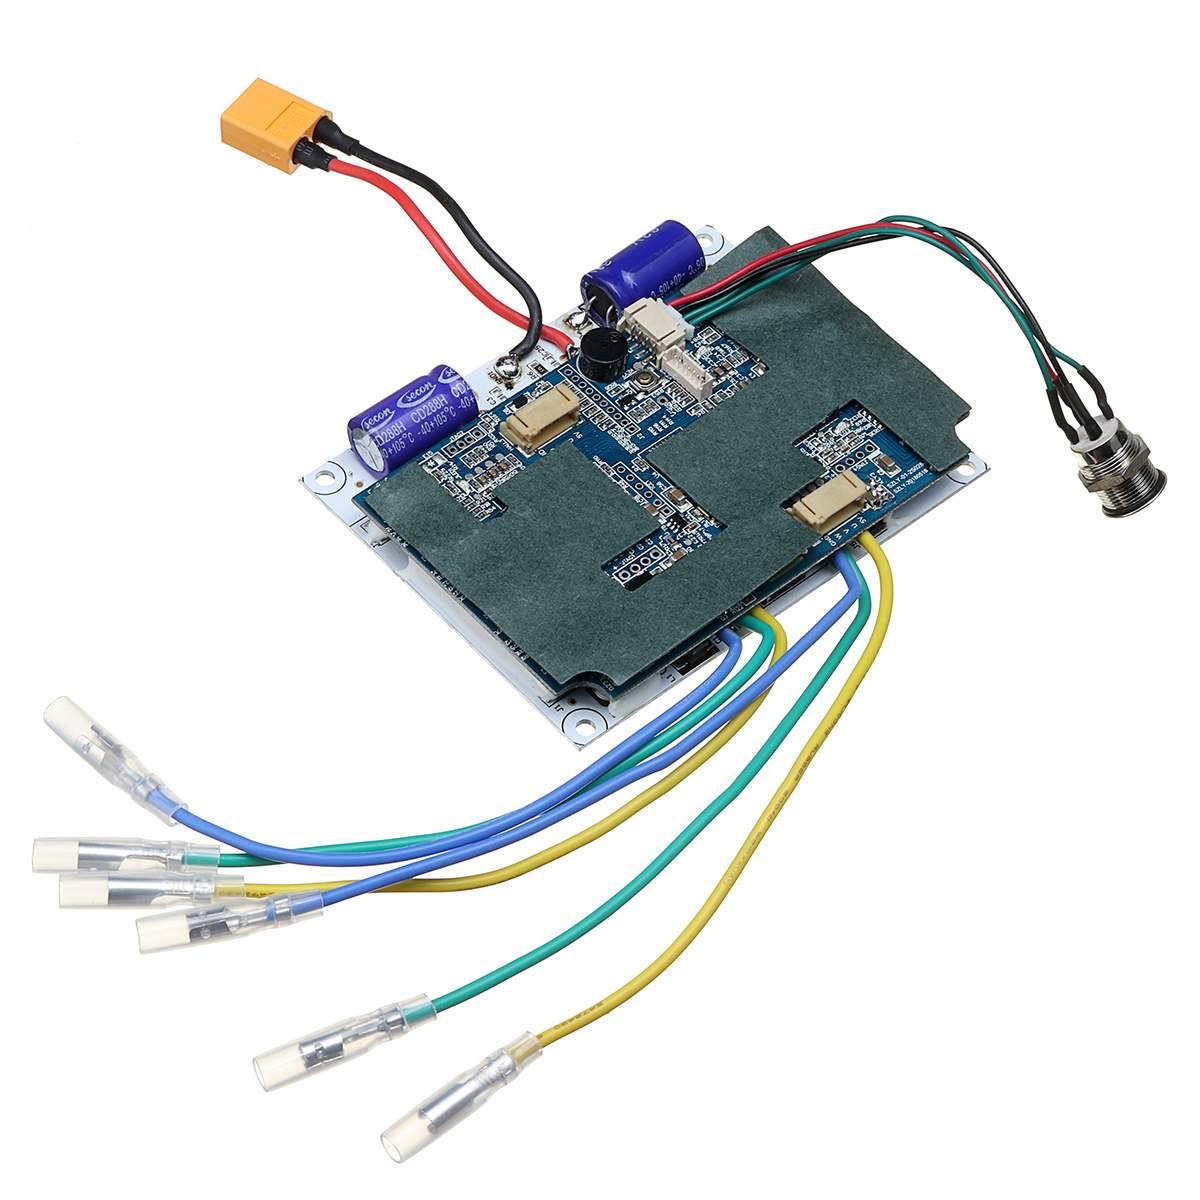 36VV double moteur planche à roulettes électrique Longboard lecteur contrôleur ESC Hub moteur Mini télécommande électrique Skateboard accessoires - 4